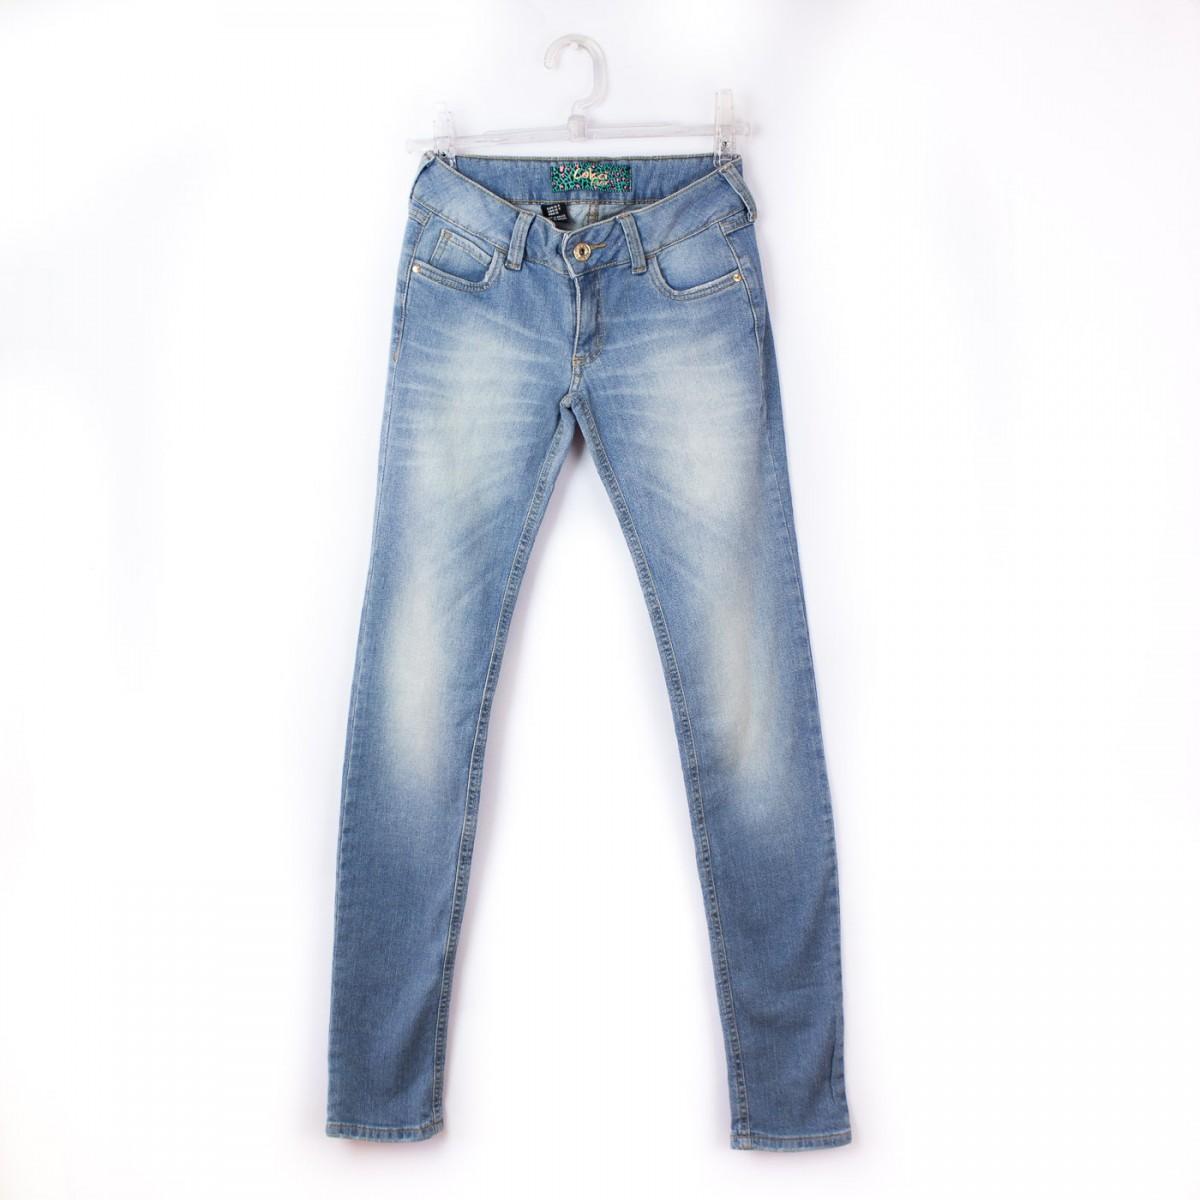 9666a2829 Bizz Store - Calça Jeans Colcci Fun Infanto Juvenil Feminina